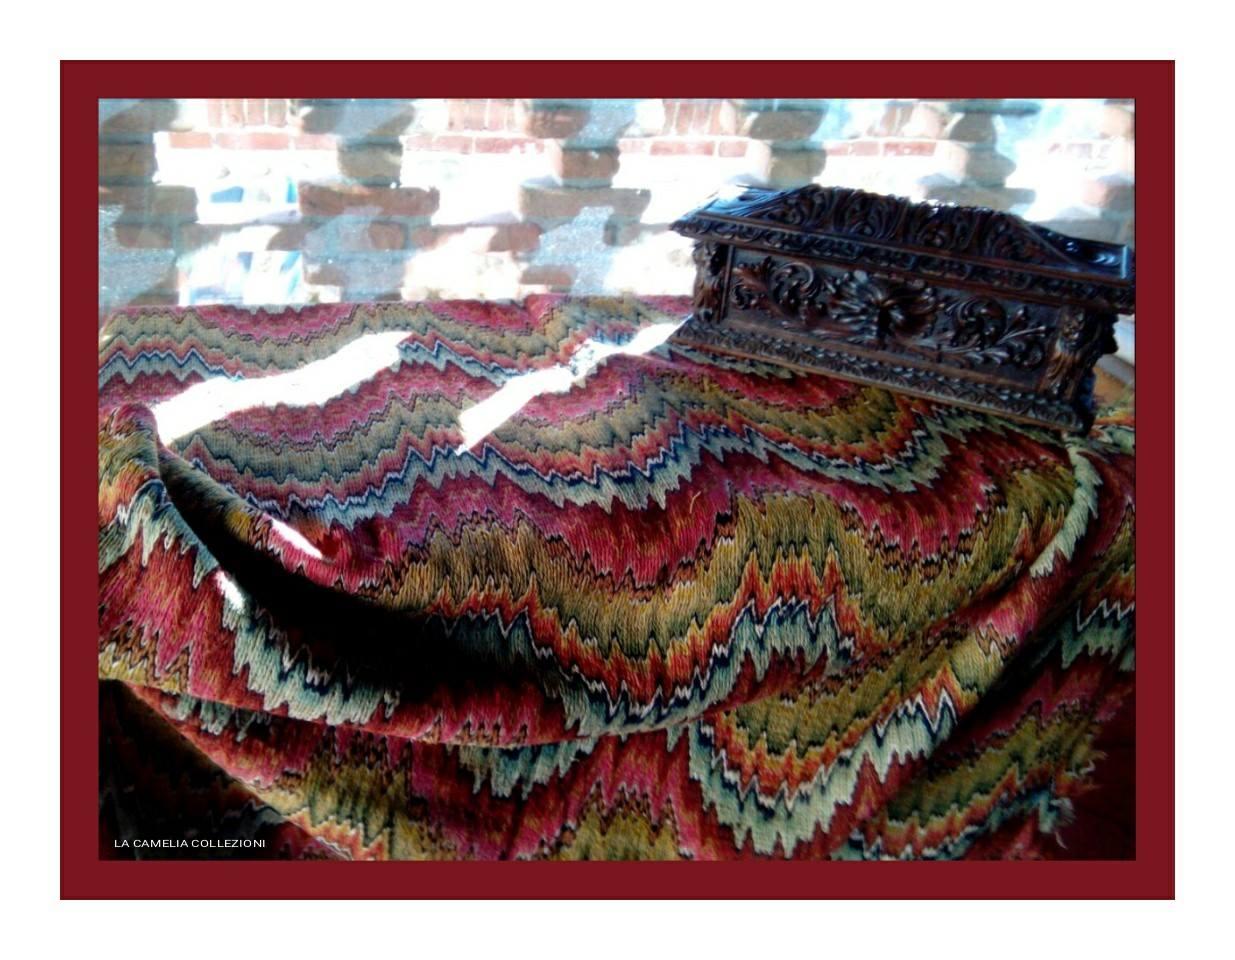 tessuto antico a metro punto fiamma secolo 700 - la camelia collezioni